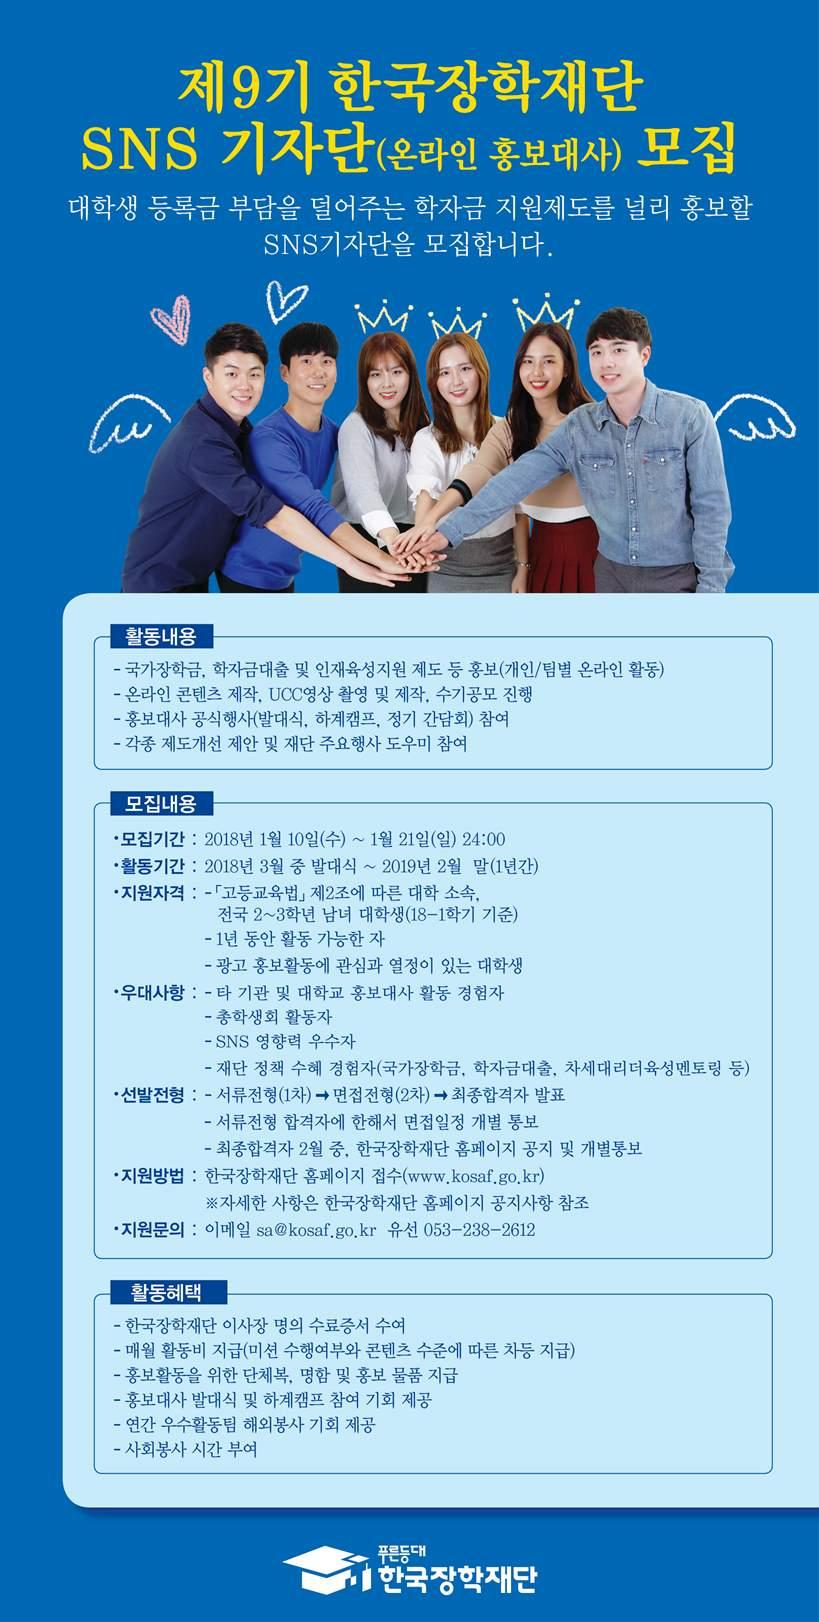 제9기 학국장학재단 SNS기자단(온라인 홍보대사)모집 아래내용 참조